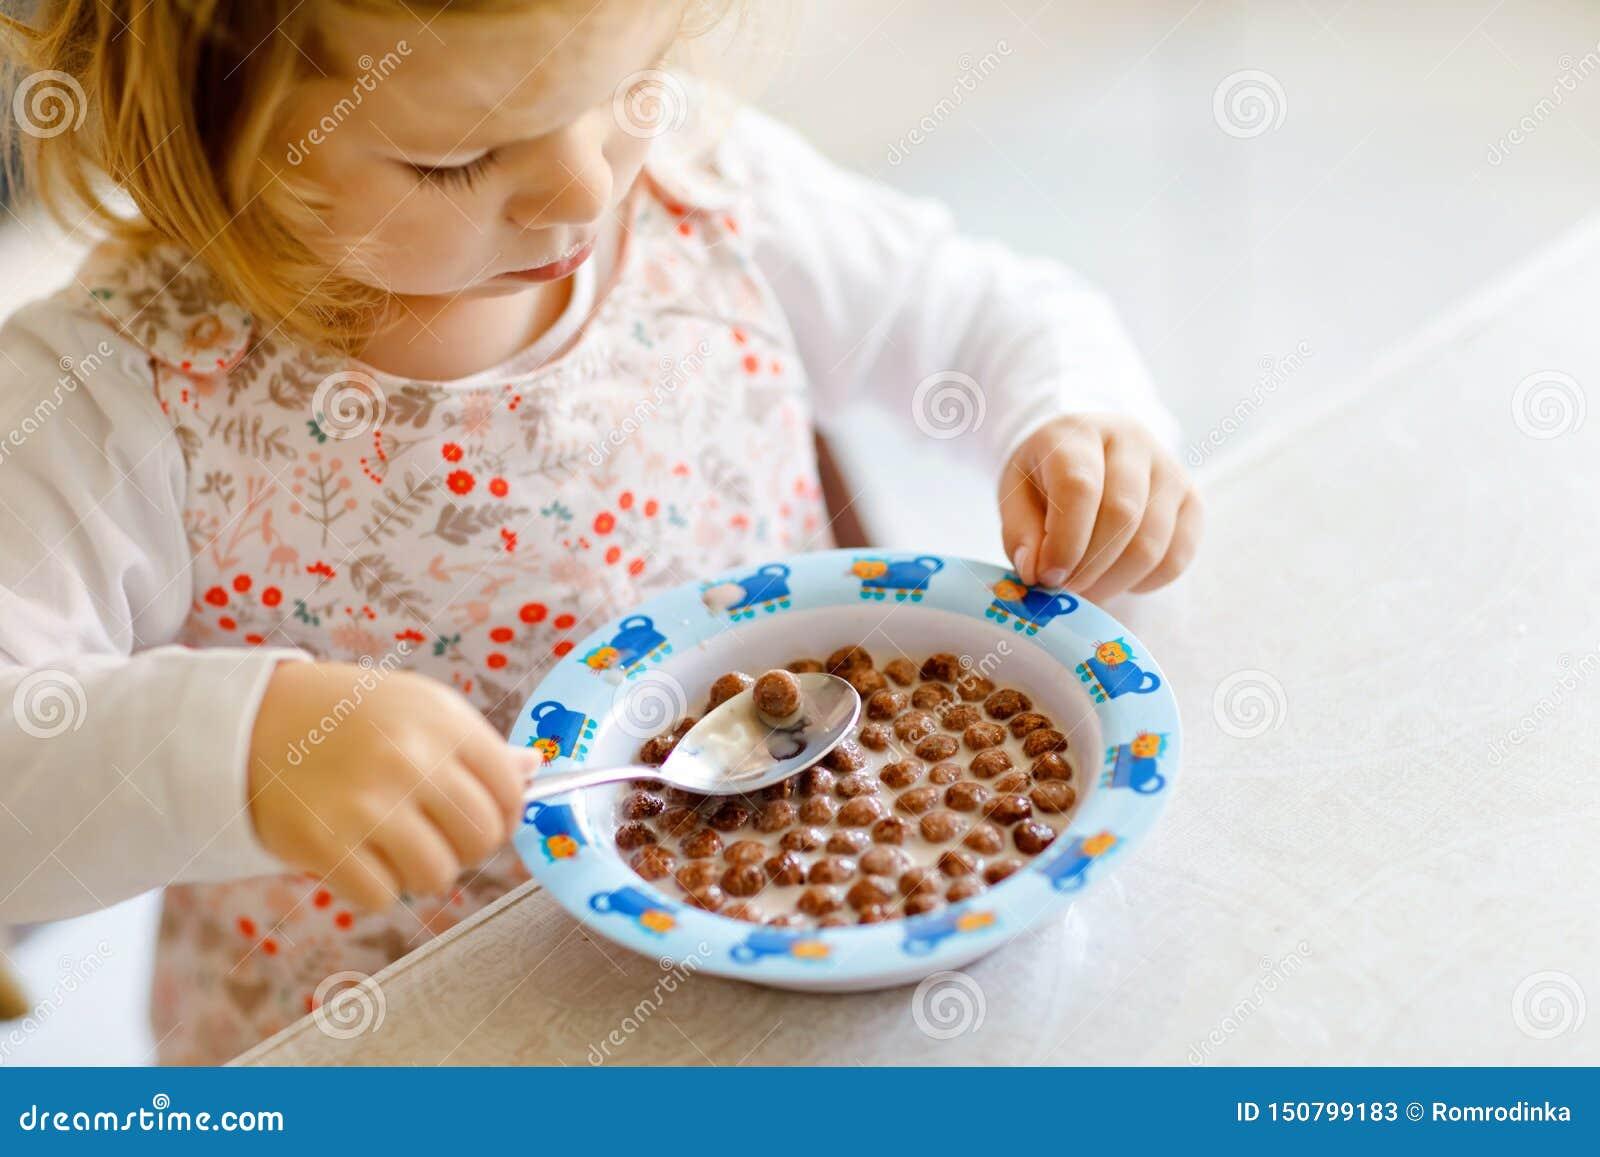 Zamyka w górę berbeć dziewczyny je zdrowego zboża z mlekiem dla śniadaniowego Ślicznego szczęśliwego dziecka dziecka w kolorowych